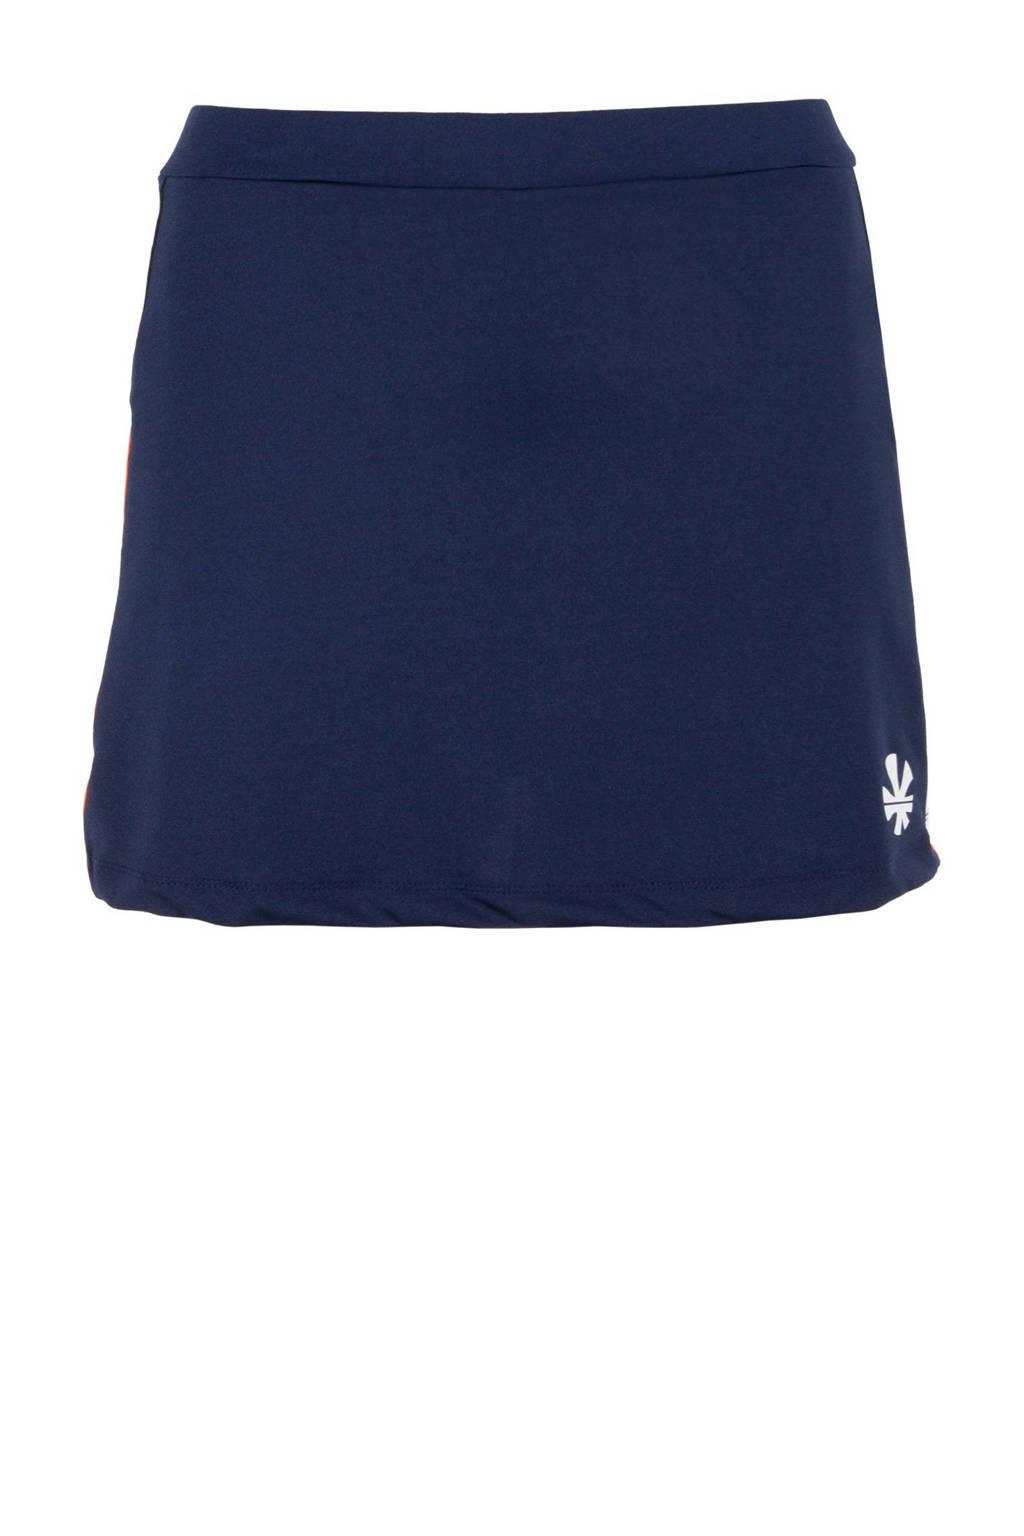 Reece Australia sportrokje donkerblauw/oranje/wit, Donkerblauw/oranje/wit